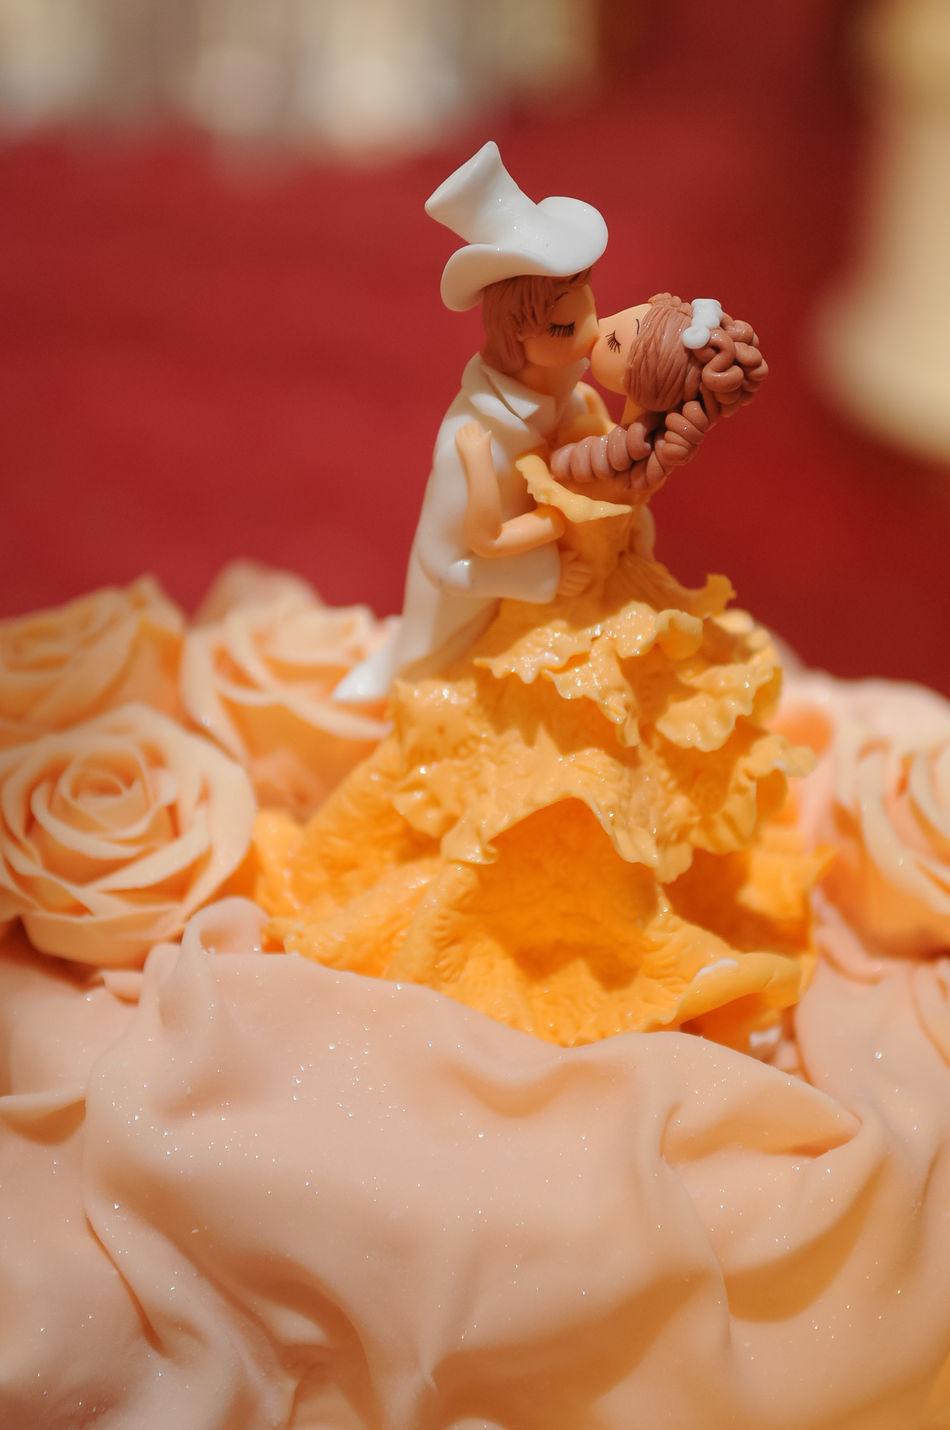 Beautiful stock photos of wedding cake, Art, Art And Craft, Cake, Close-Up